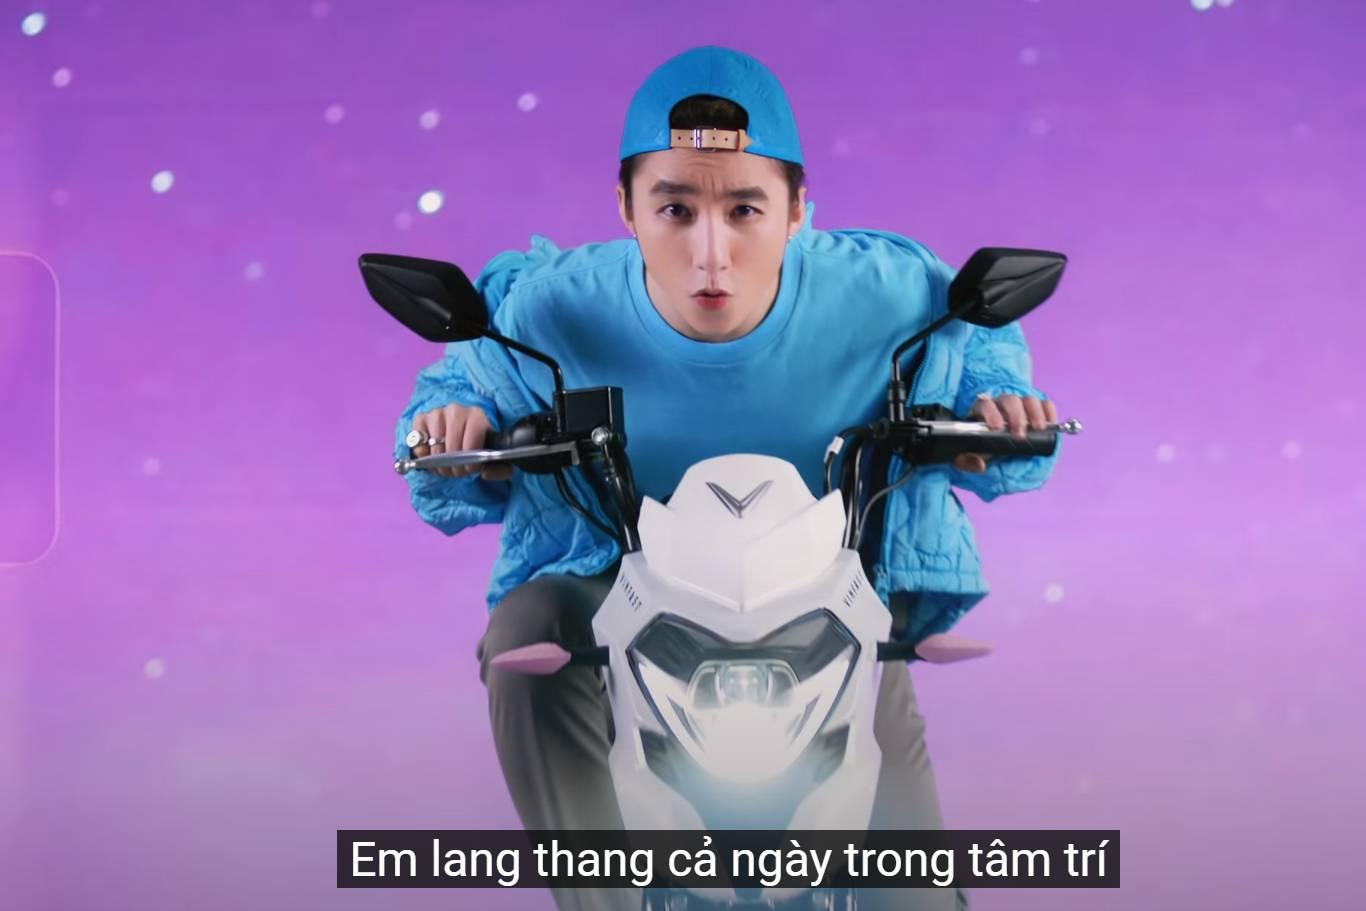 World Music Awards gọi Sơn Tùng M-TP là 'Ngôi sao nhạc rap' do không biết hay 'cố tình chơi khăm'?